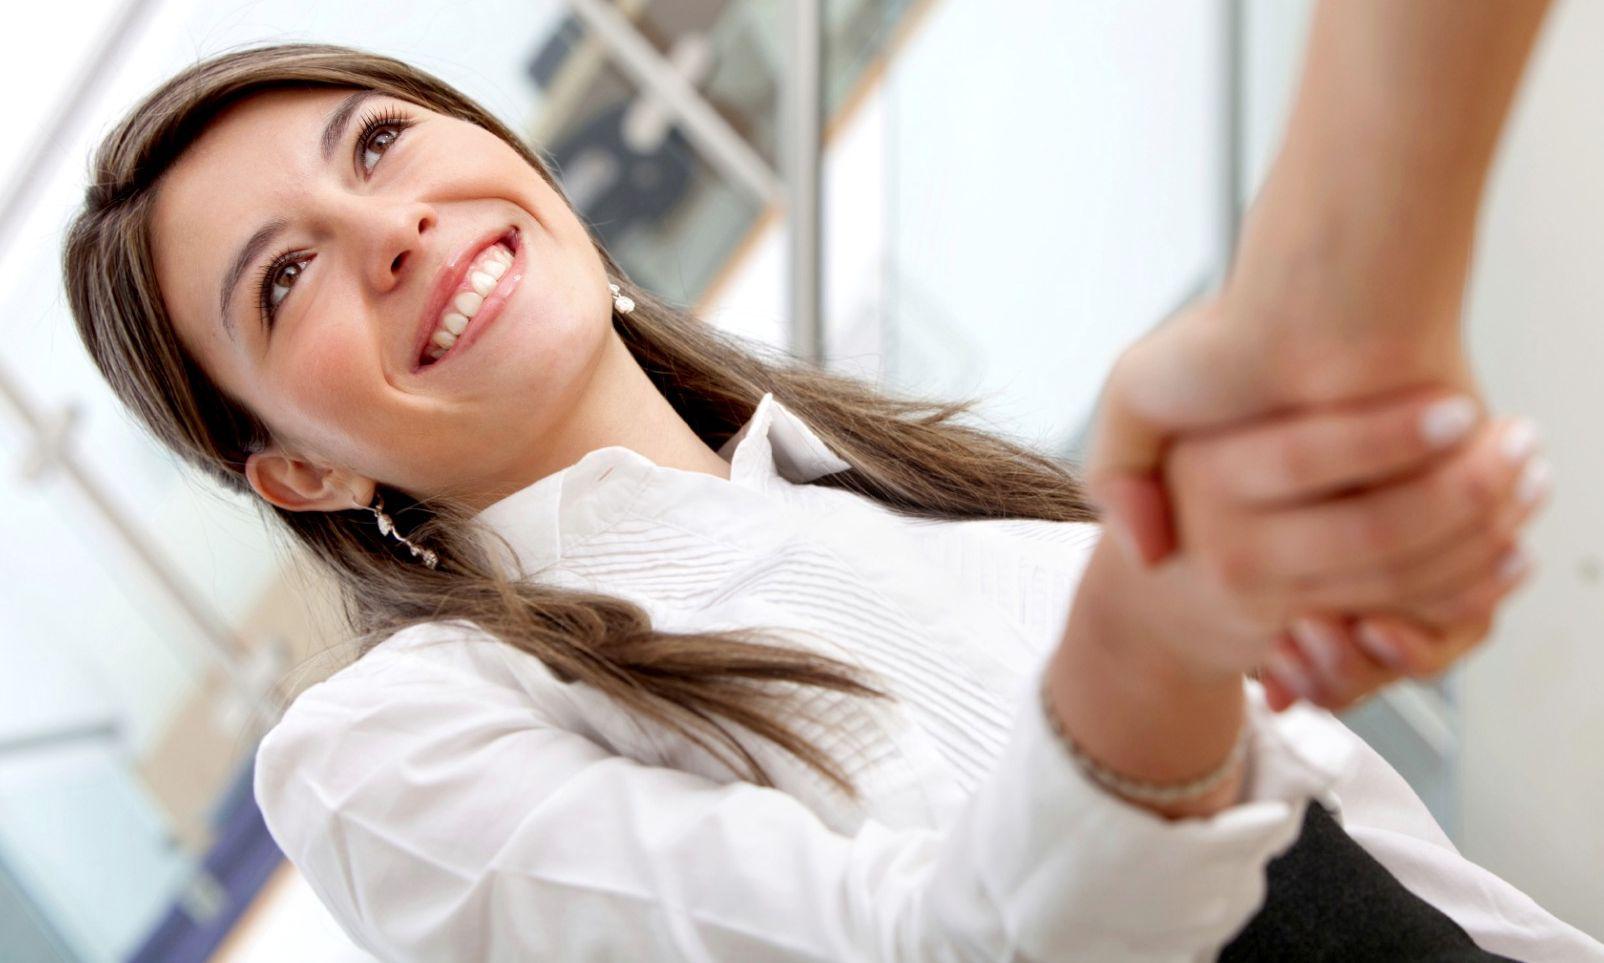 Superare un colloquio di lavoro